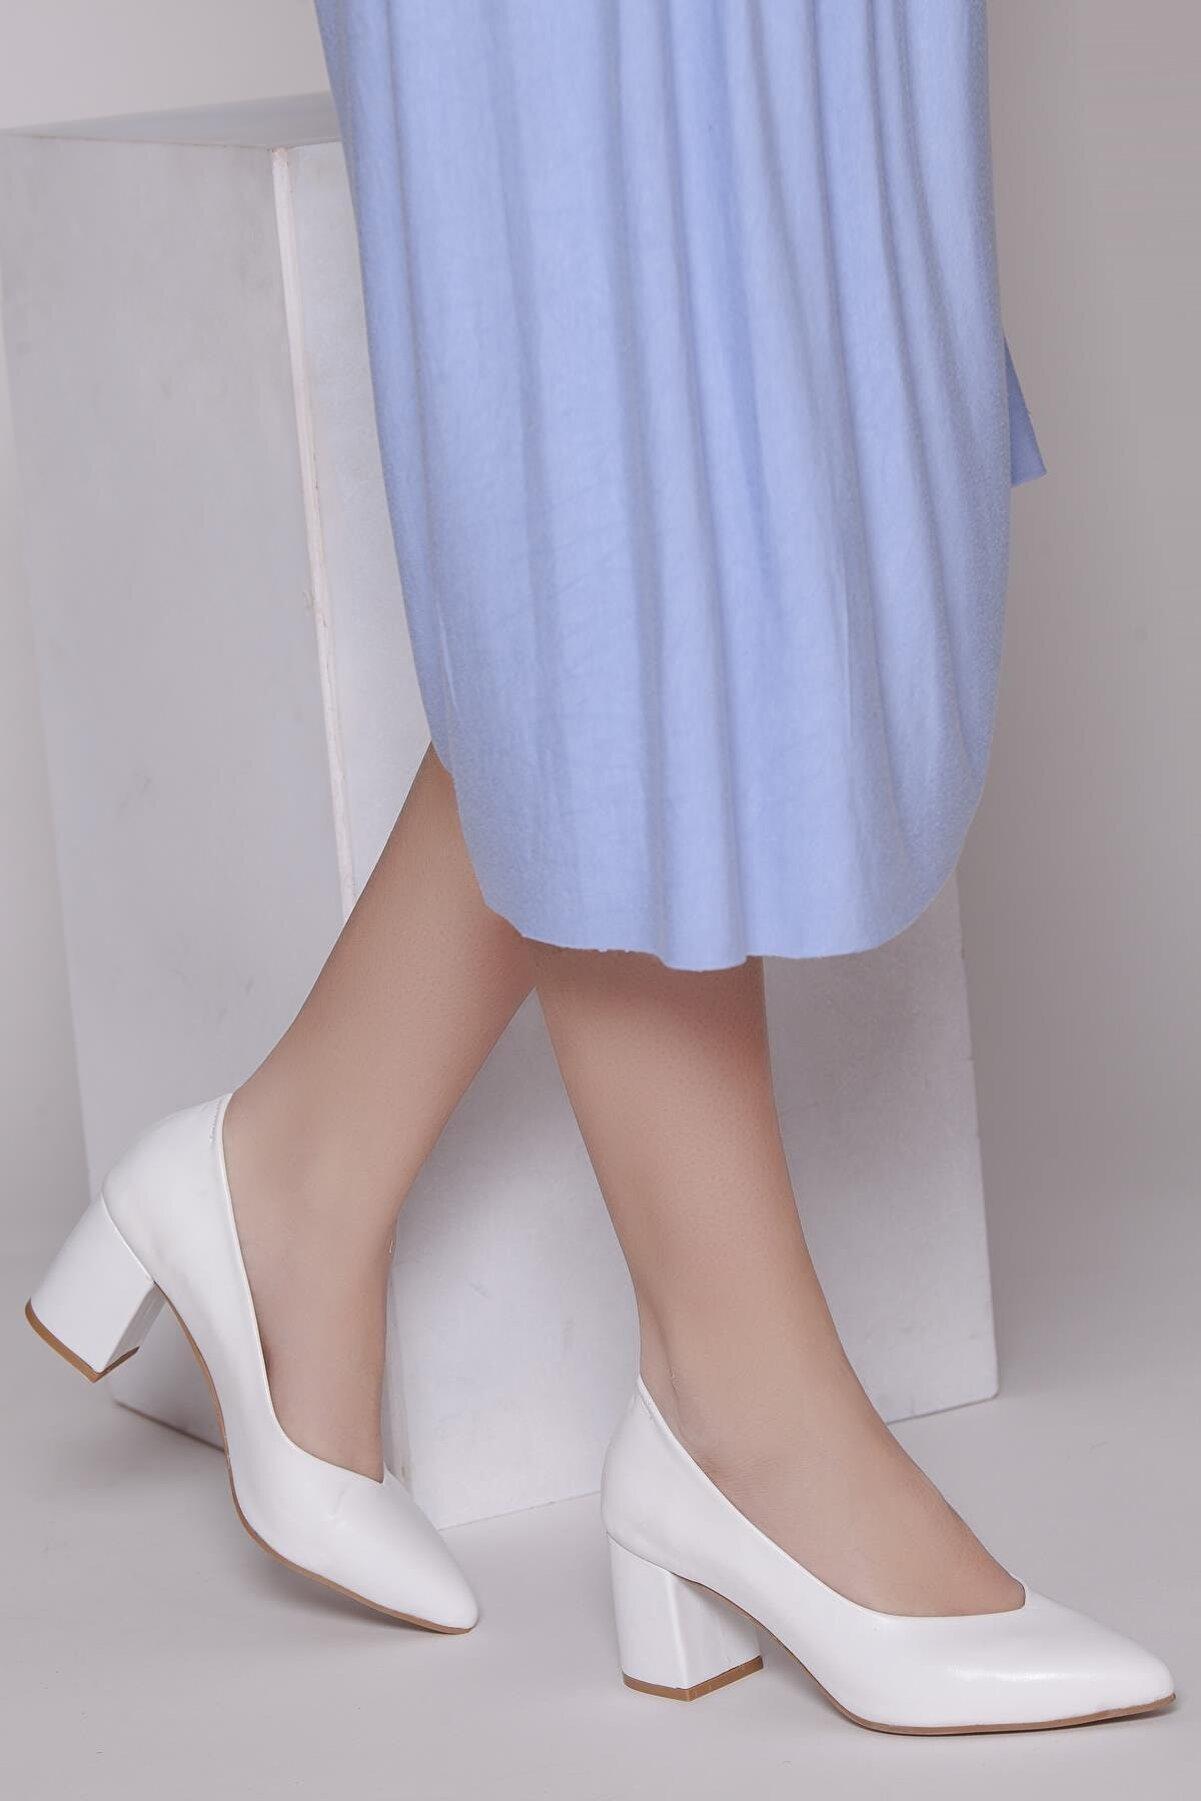 Deripabuc Hakiki Deri Beyaz Kadın Topuklu Deri Ayakkabı Shn-1930